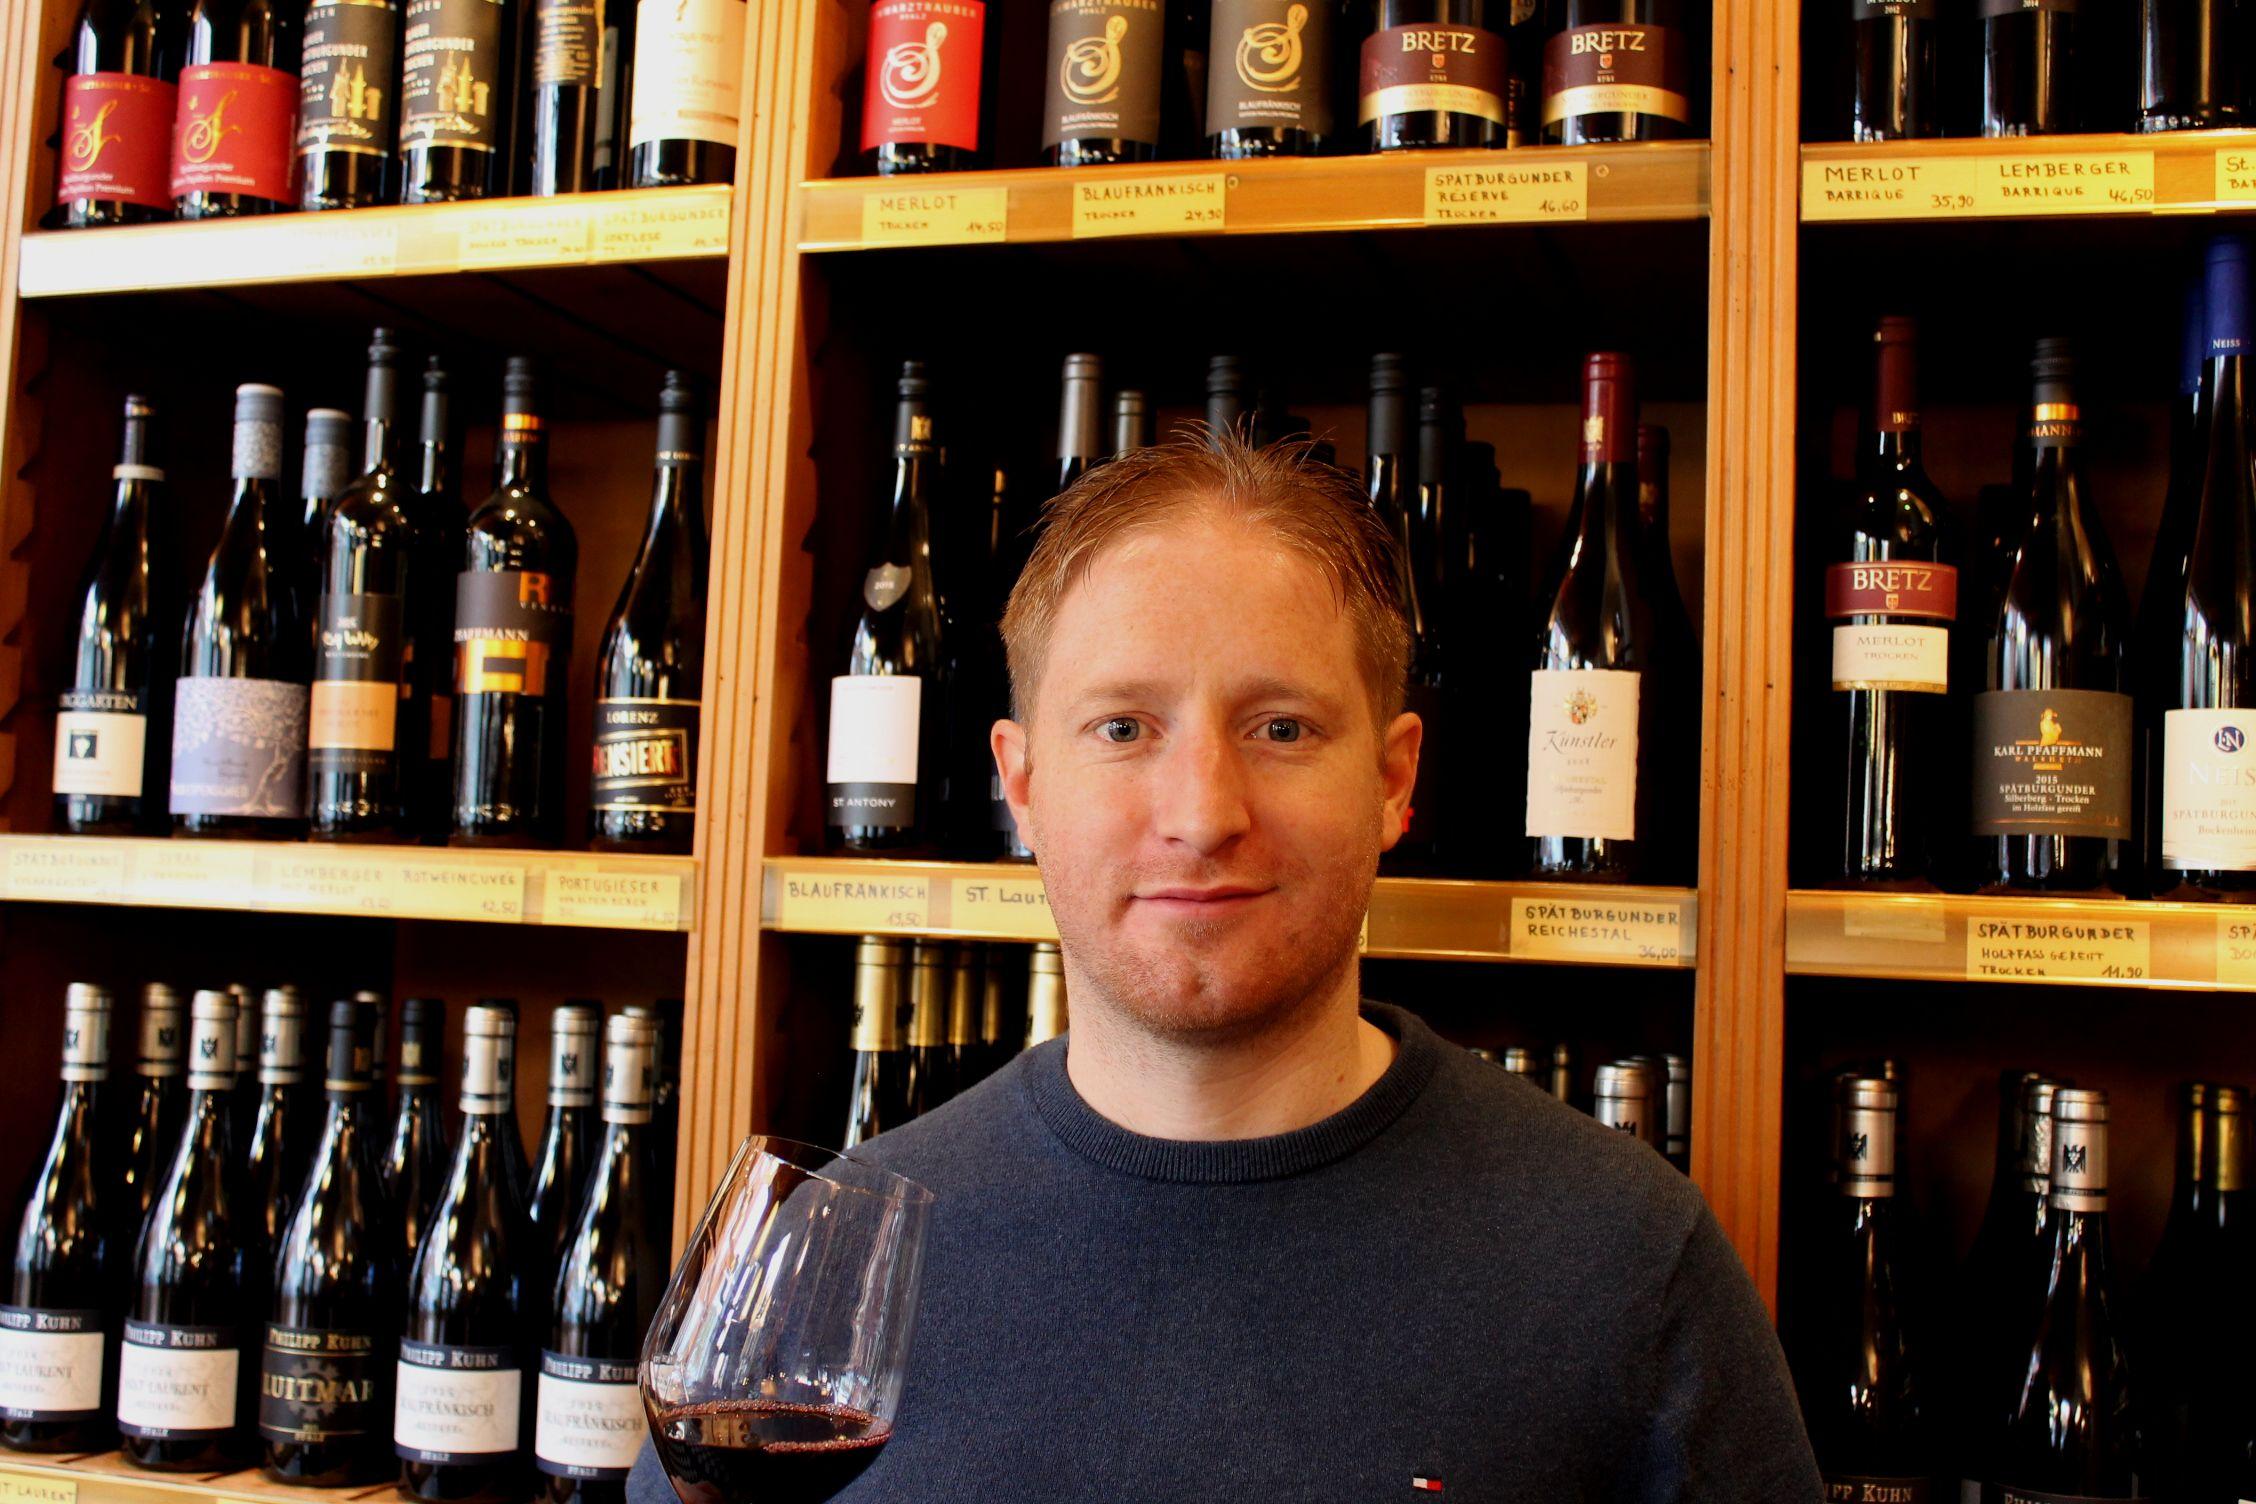 Weinhaus Bröse